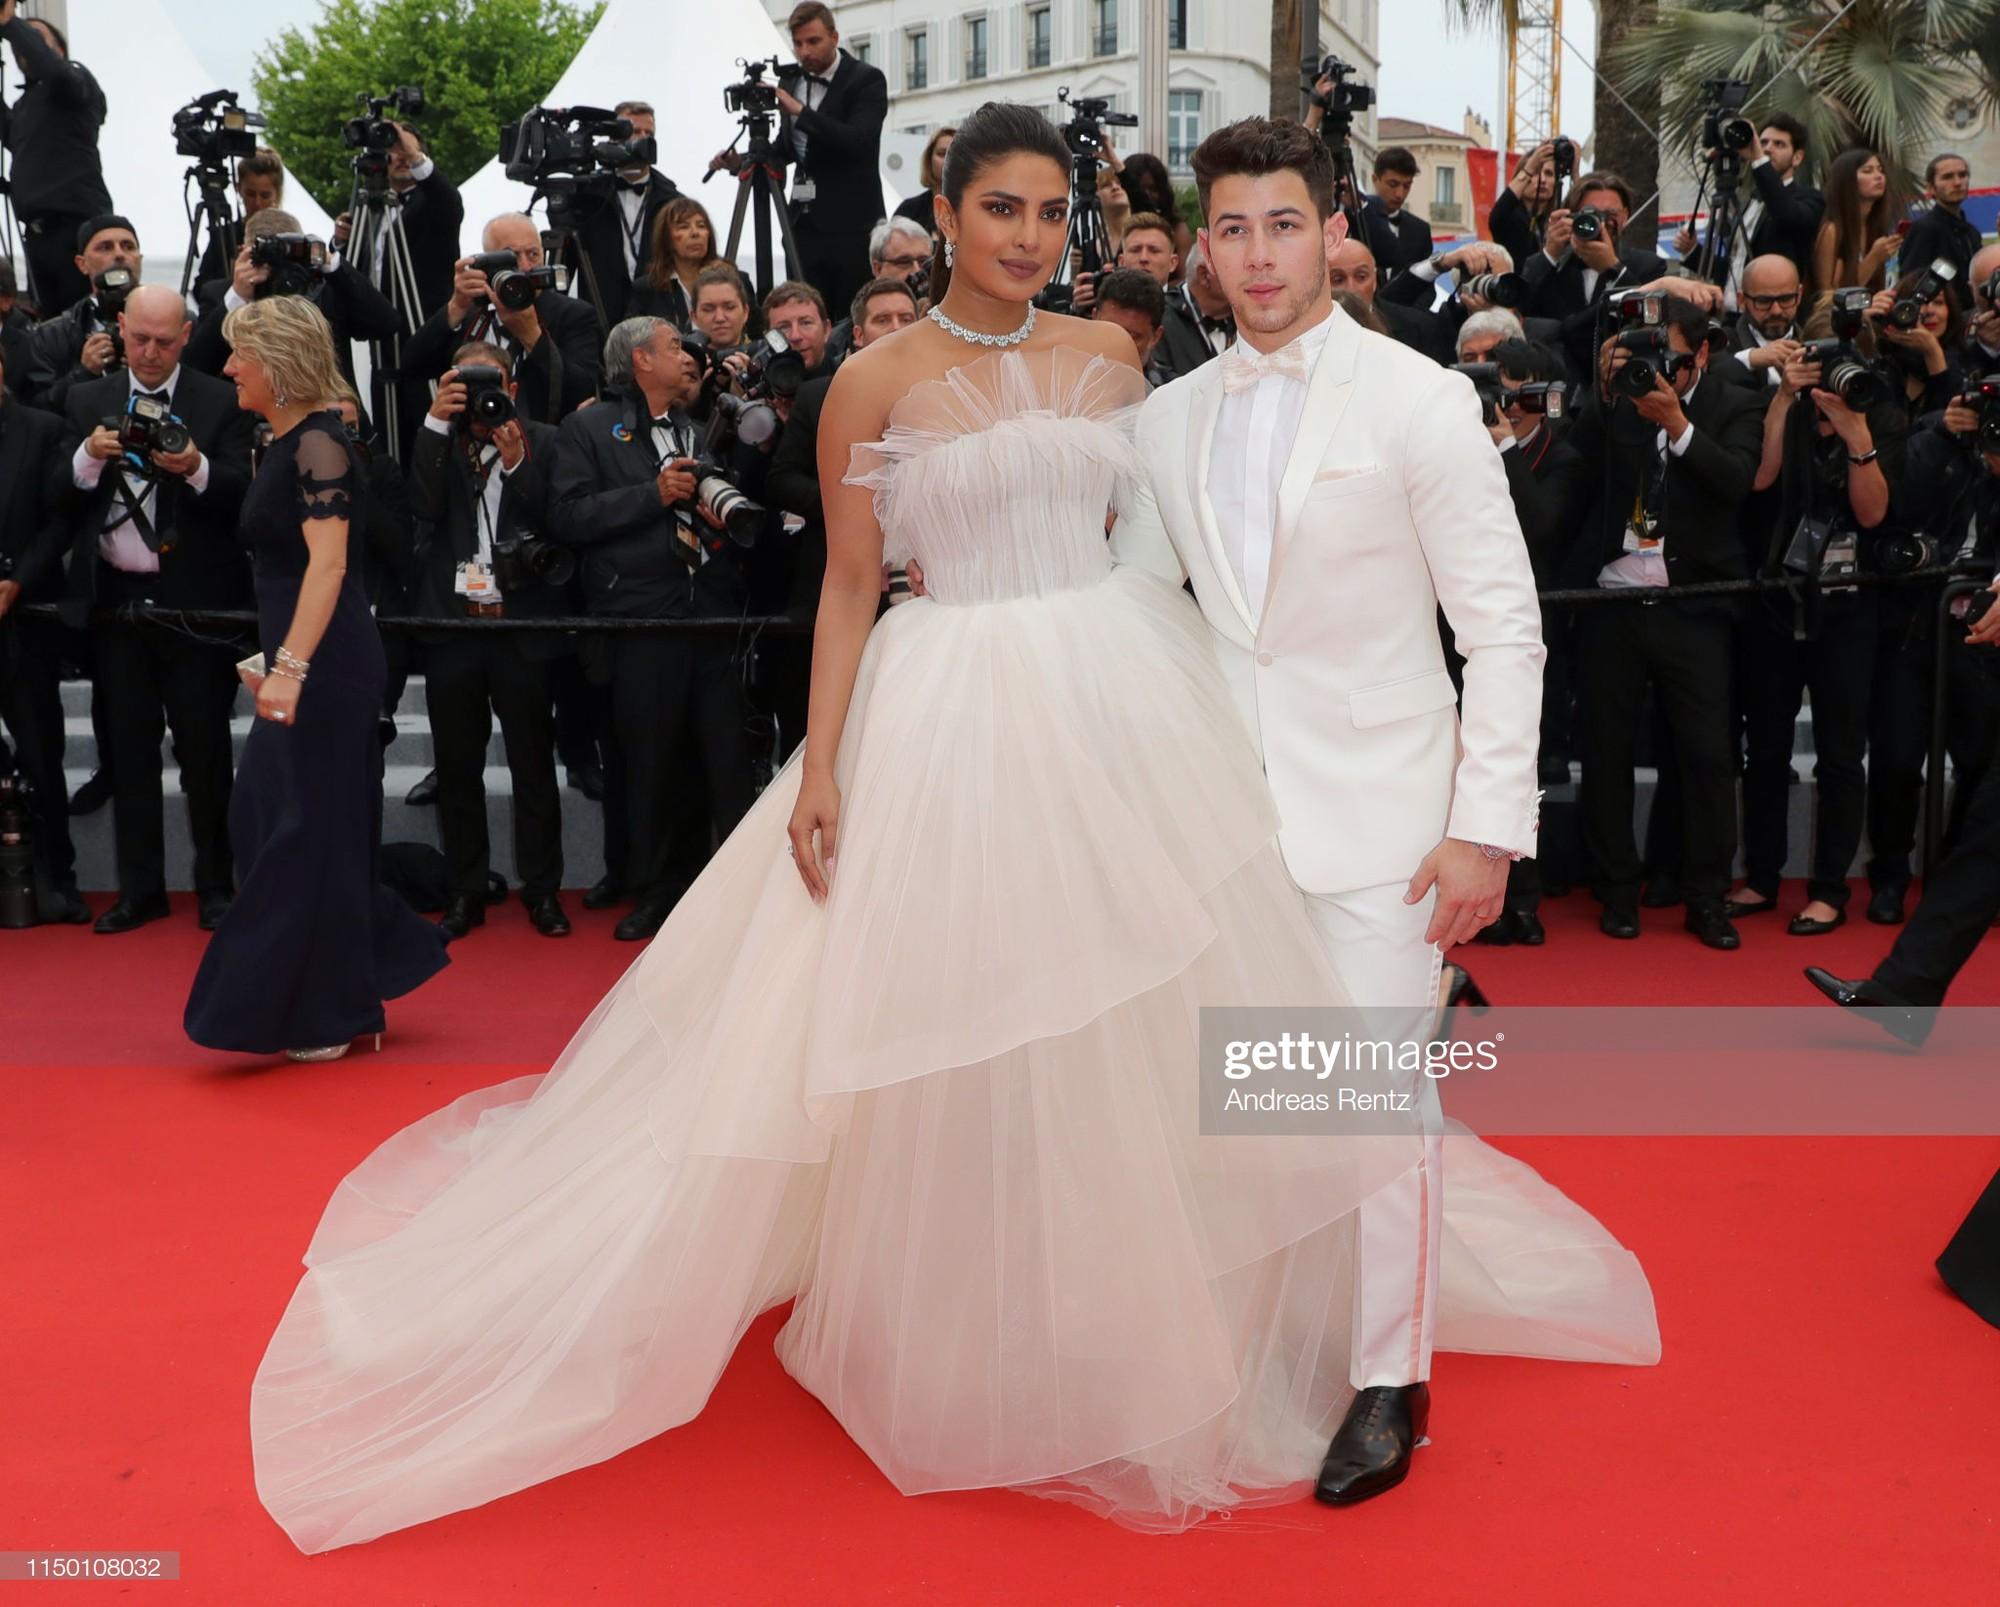 Thảm đỏ Cannes nhường spotlight cho Nick Jonas cung phụng Hoa hậu, Sui He gây sốc như không mặc gì - Ảnh 4.